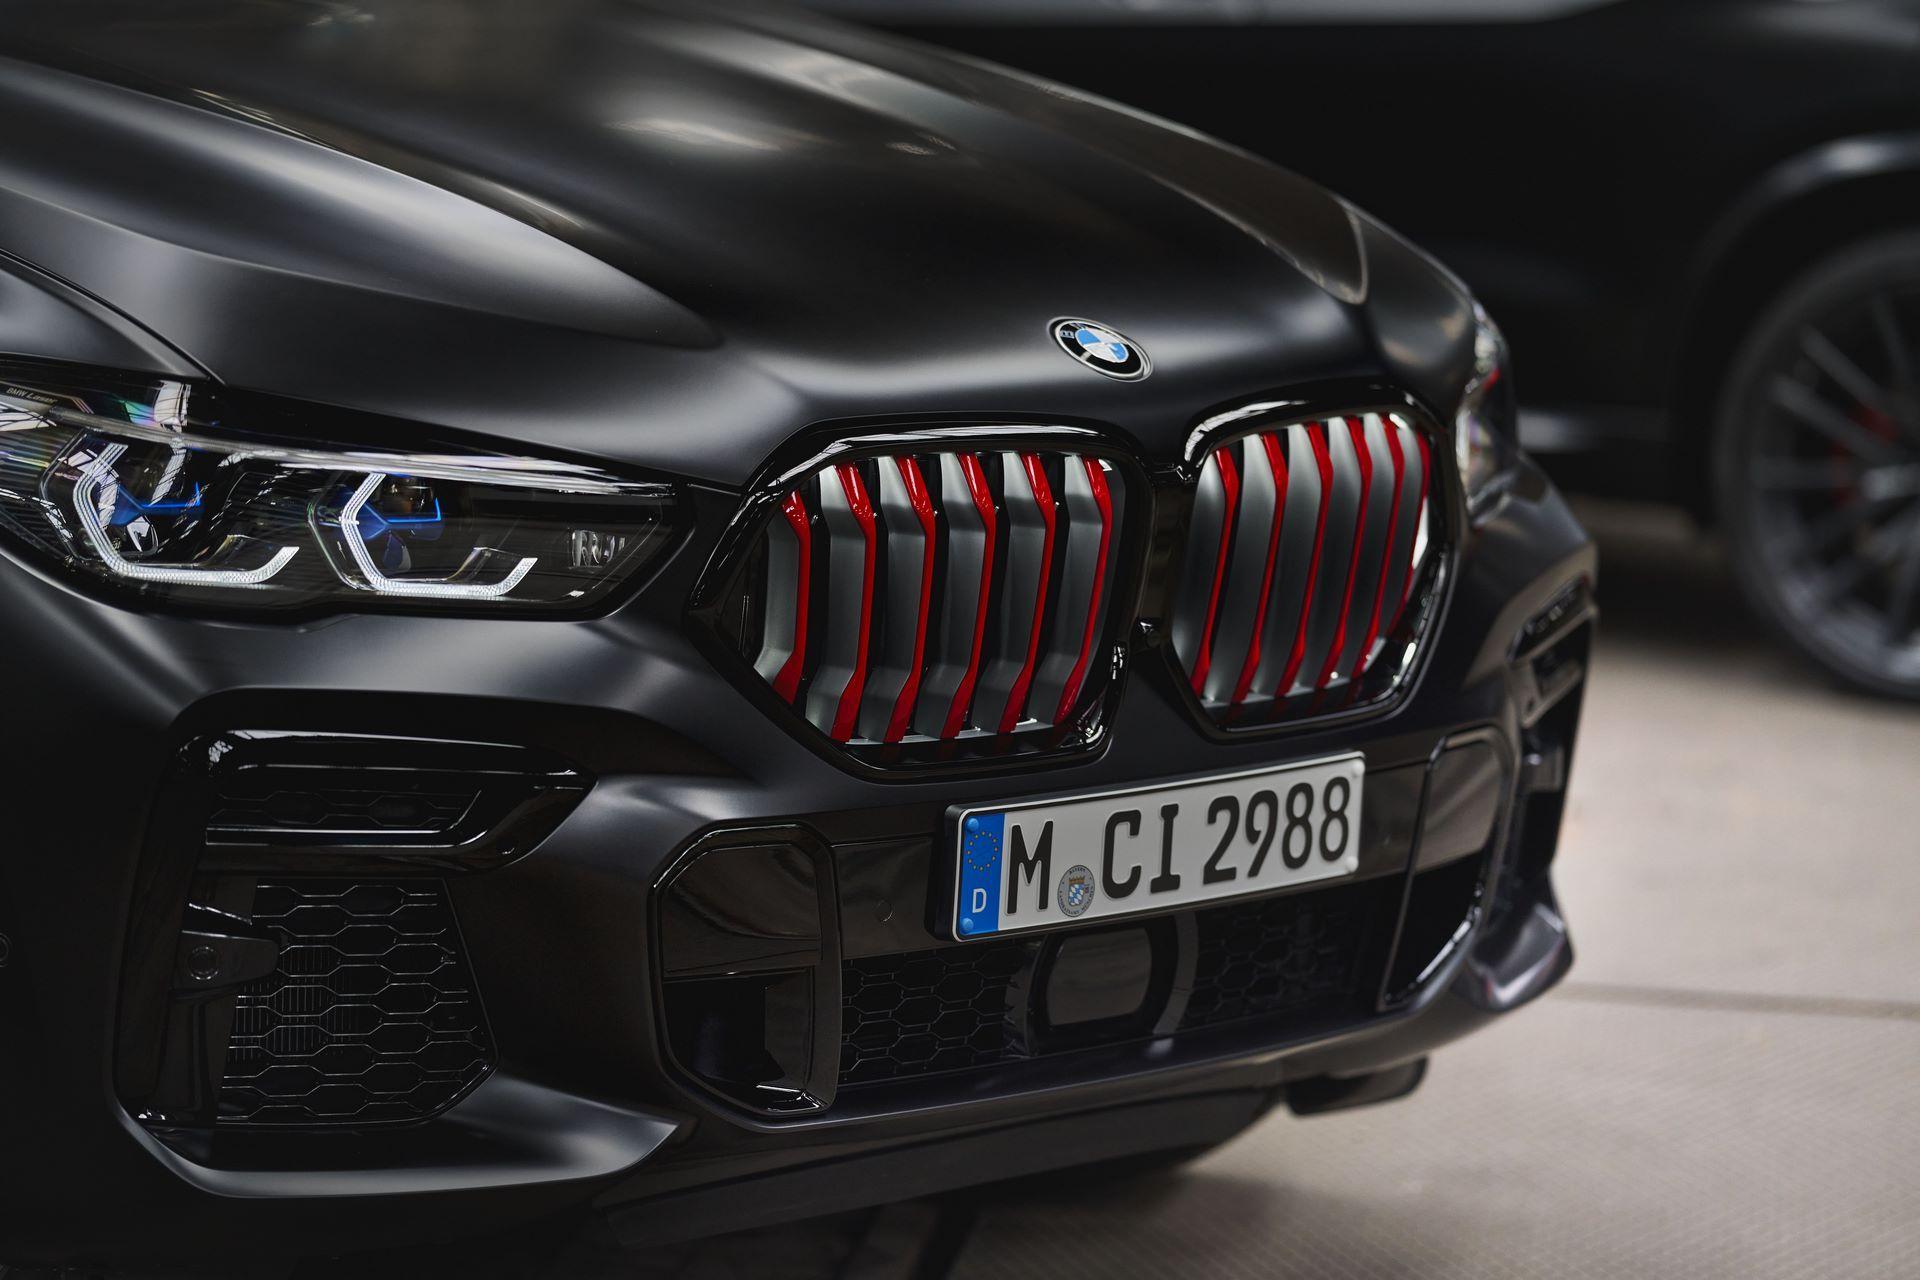 BMW-X5-Χ6-Black-Vermilion-X7-Limited-Edition-11